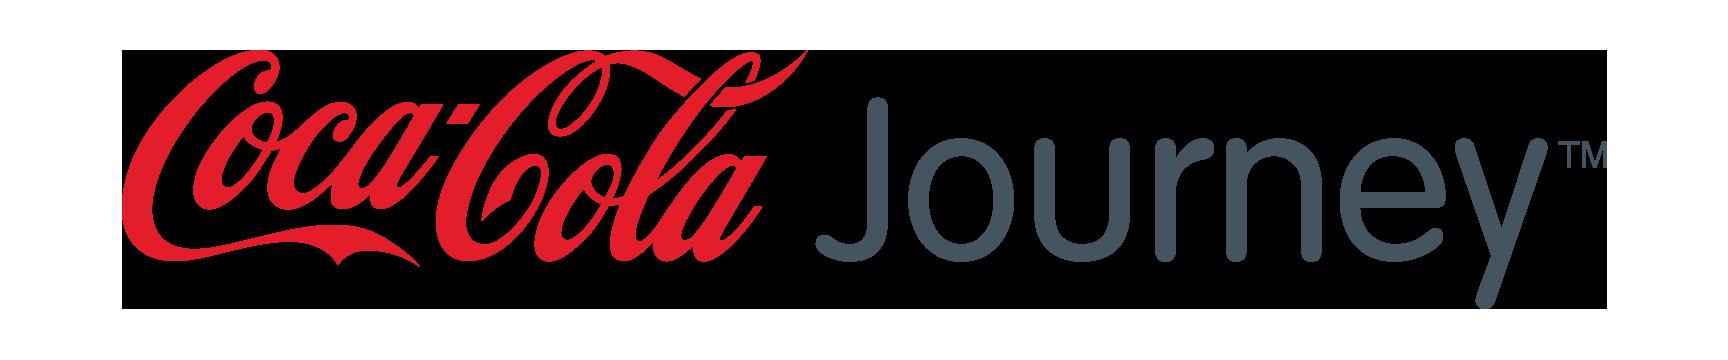 Coca-Cola Journey- Logo